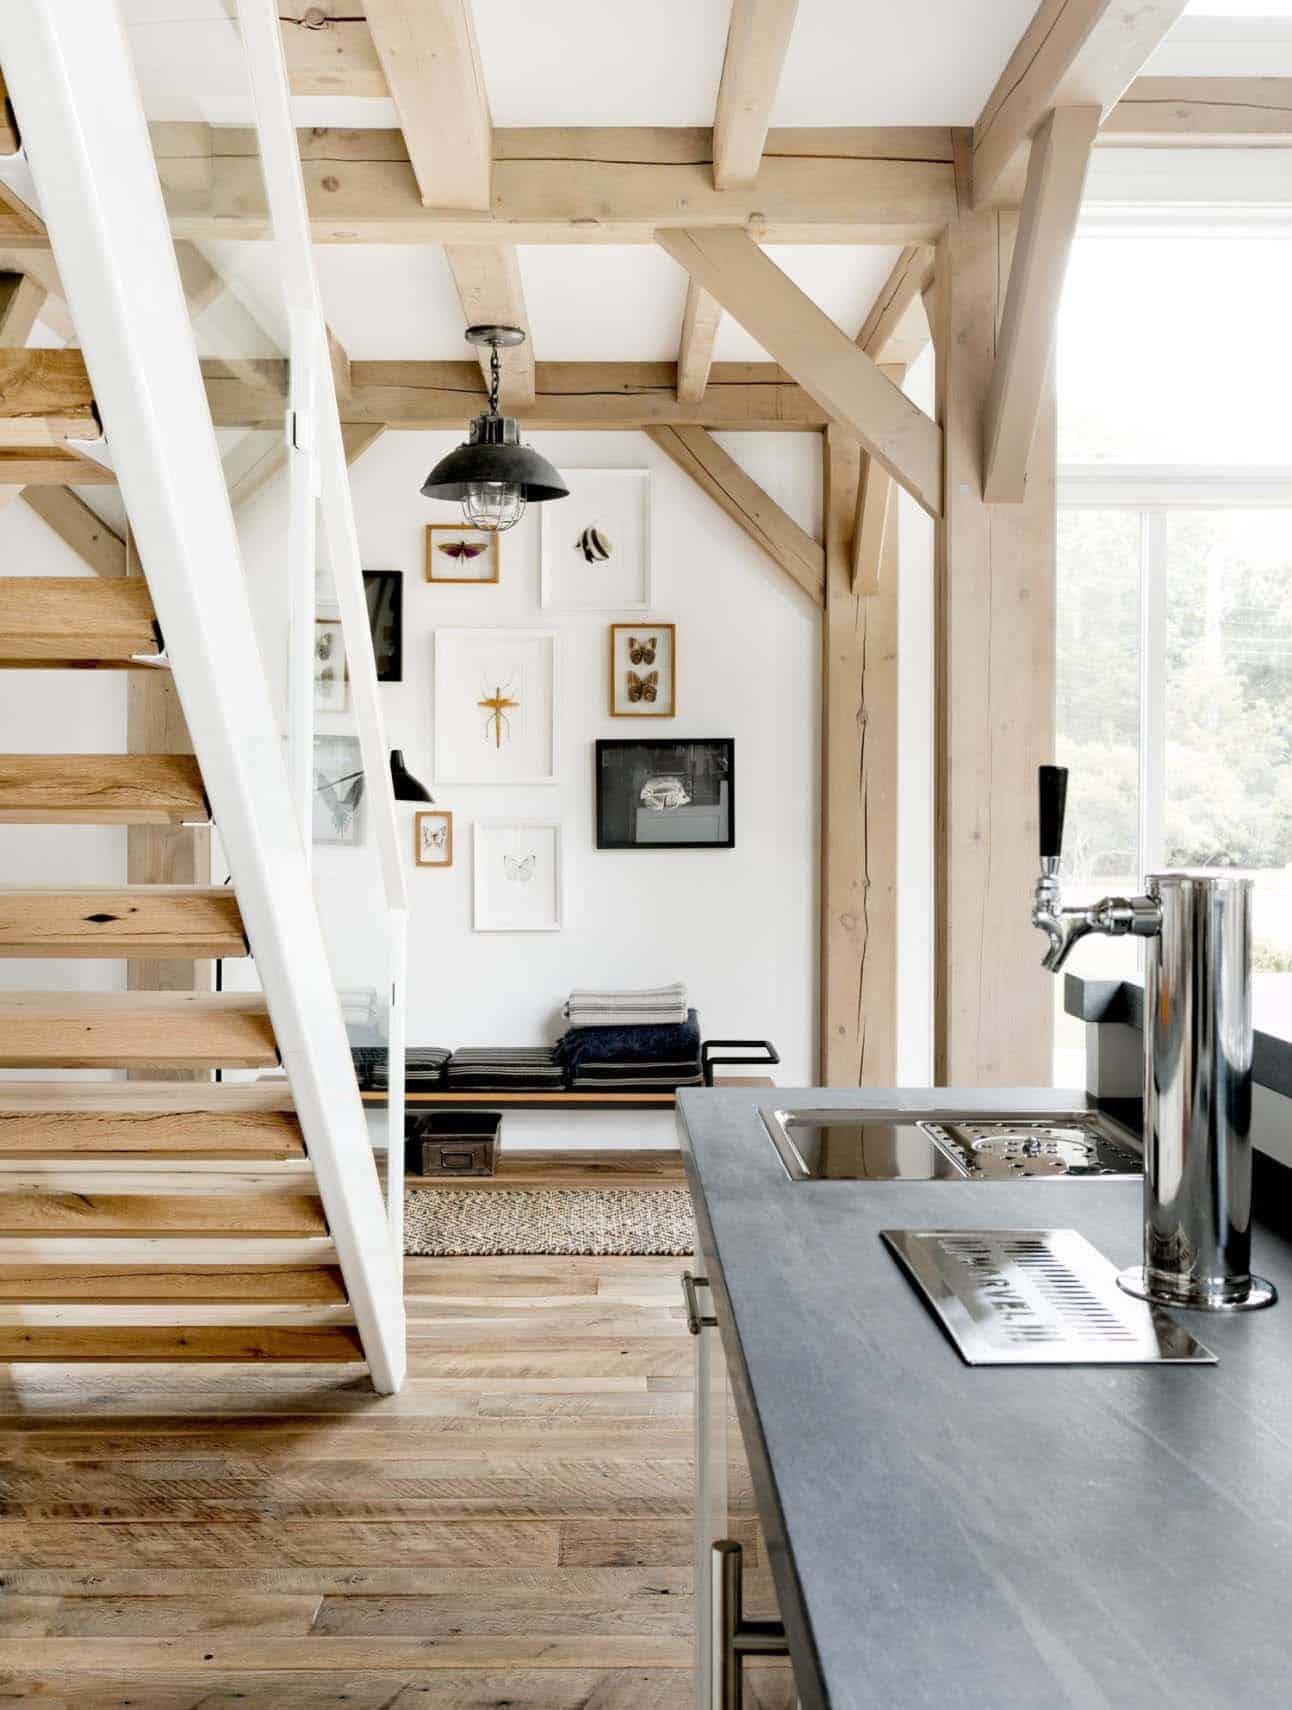 escalier de ferme moderne